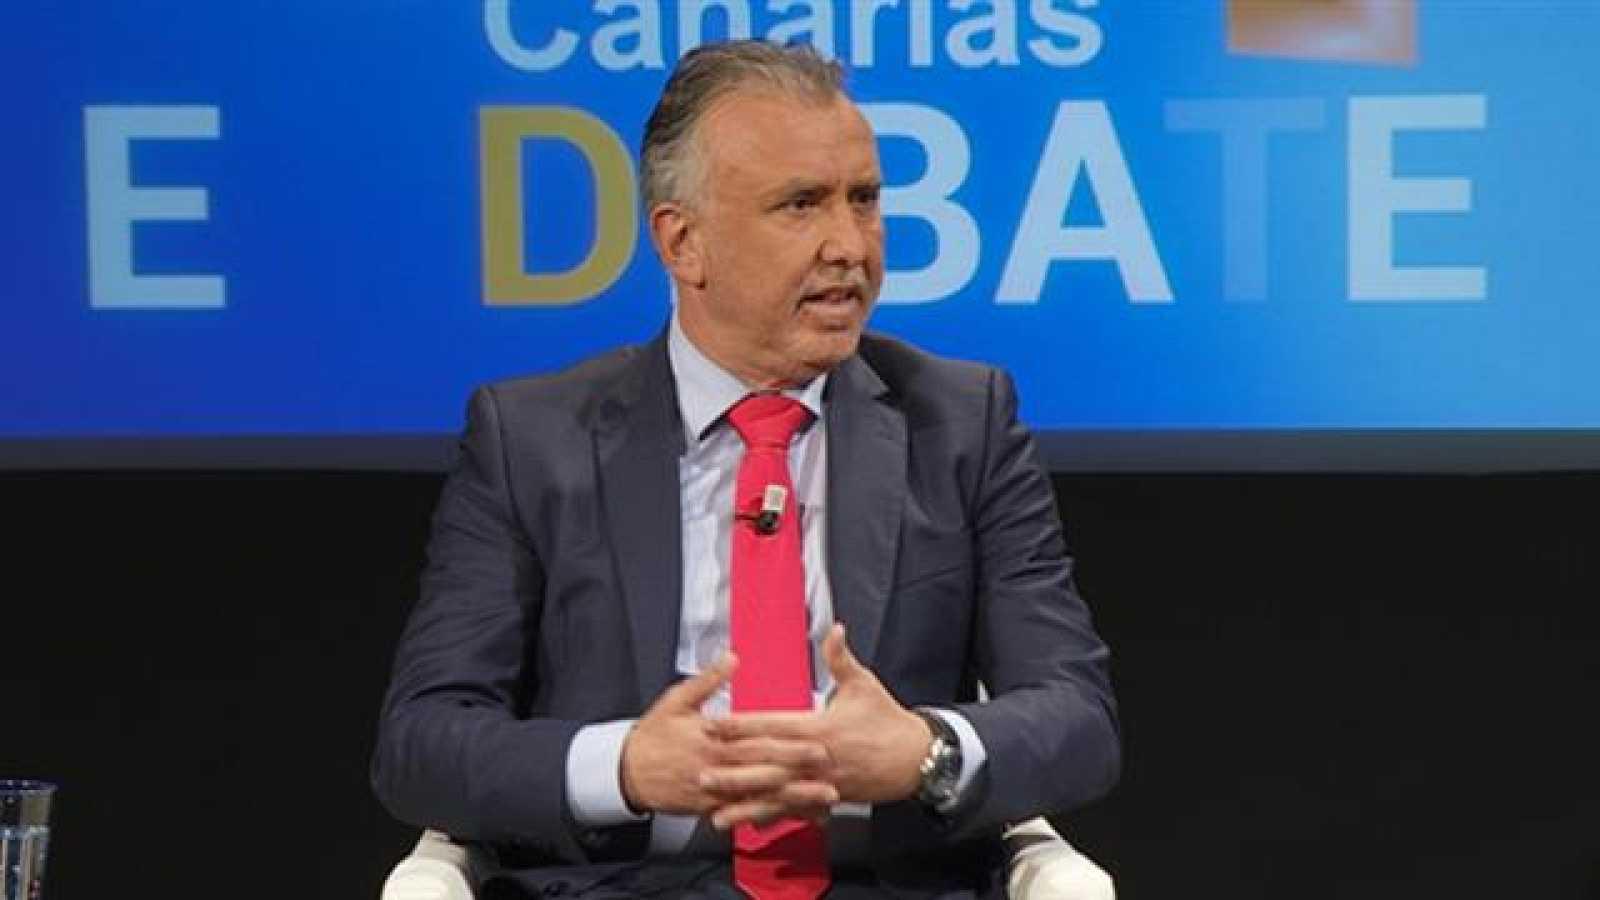 El Debate de la 1 Canarias - 21/01/2021